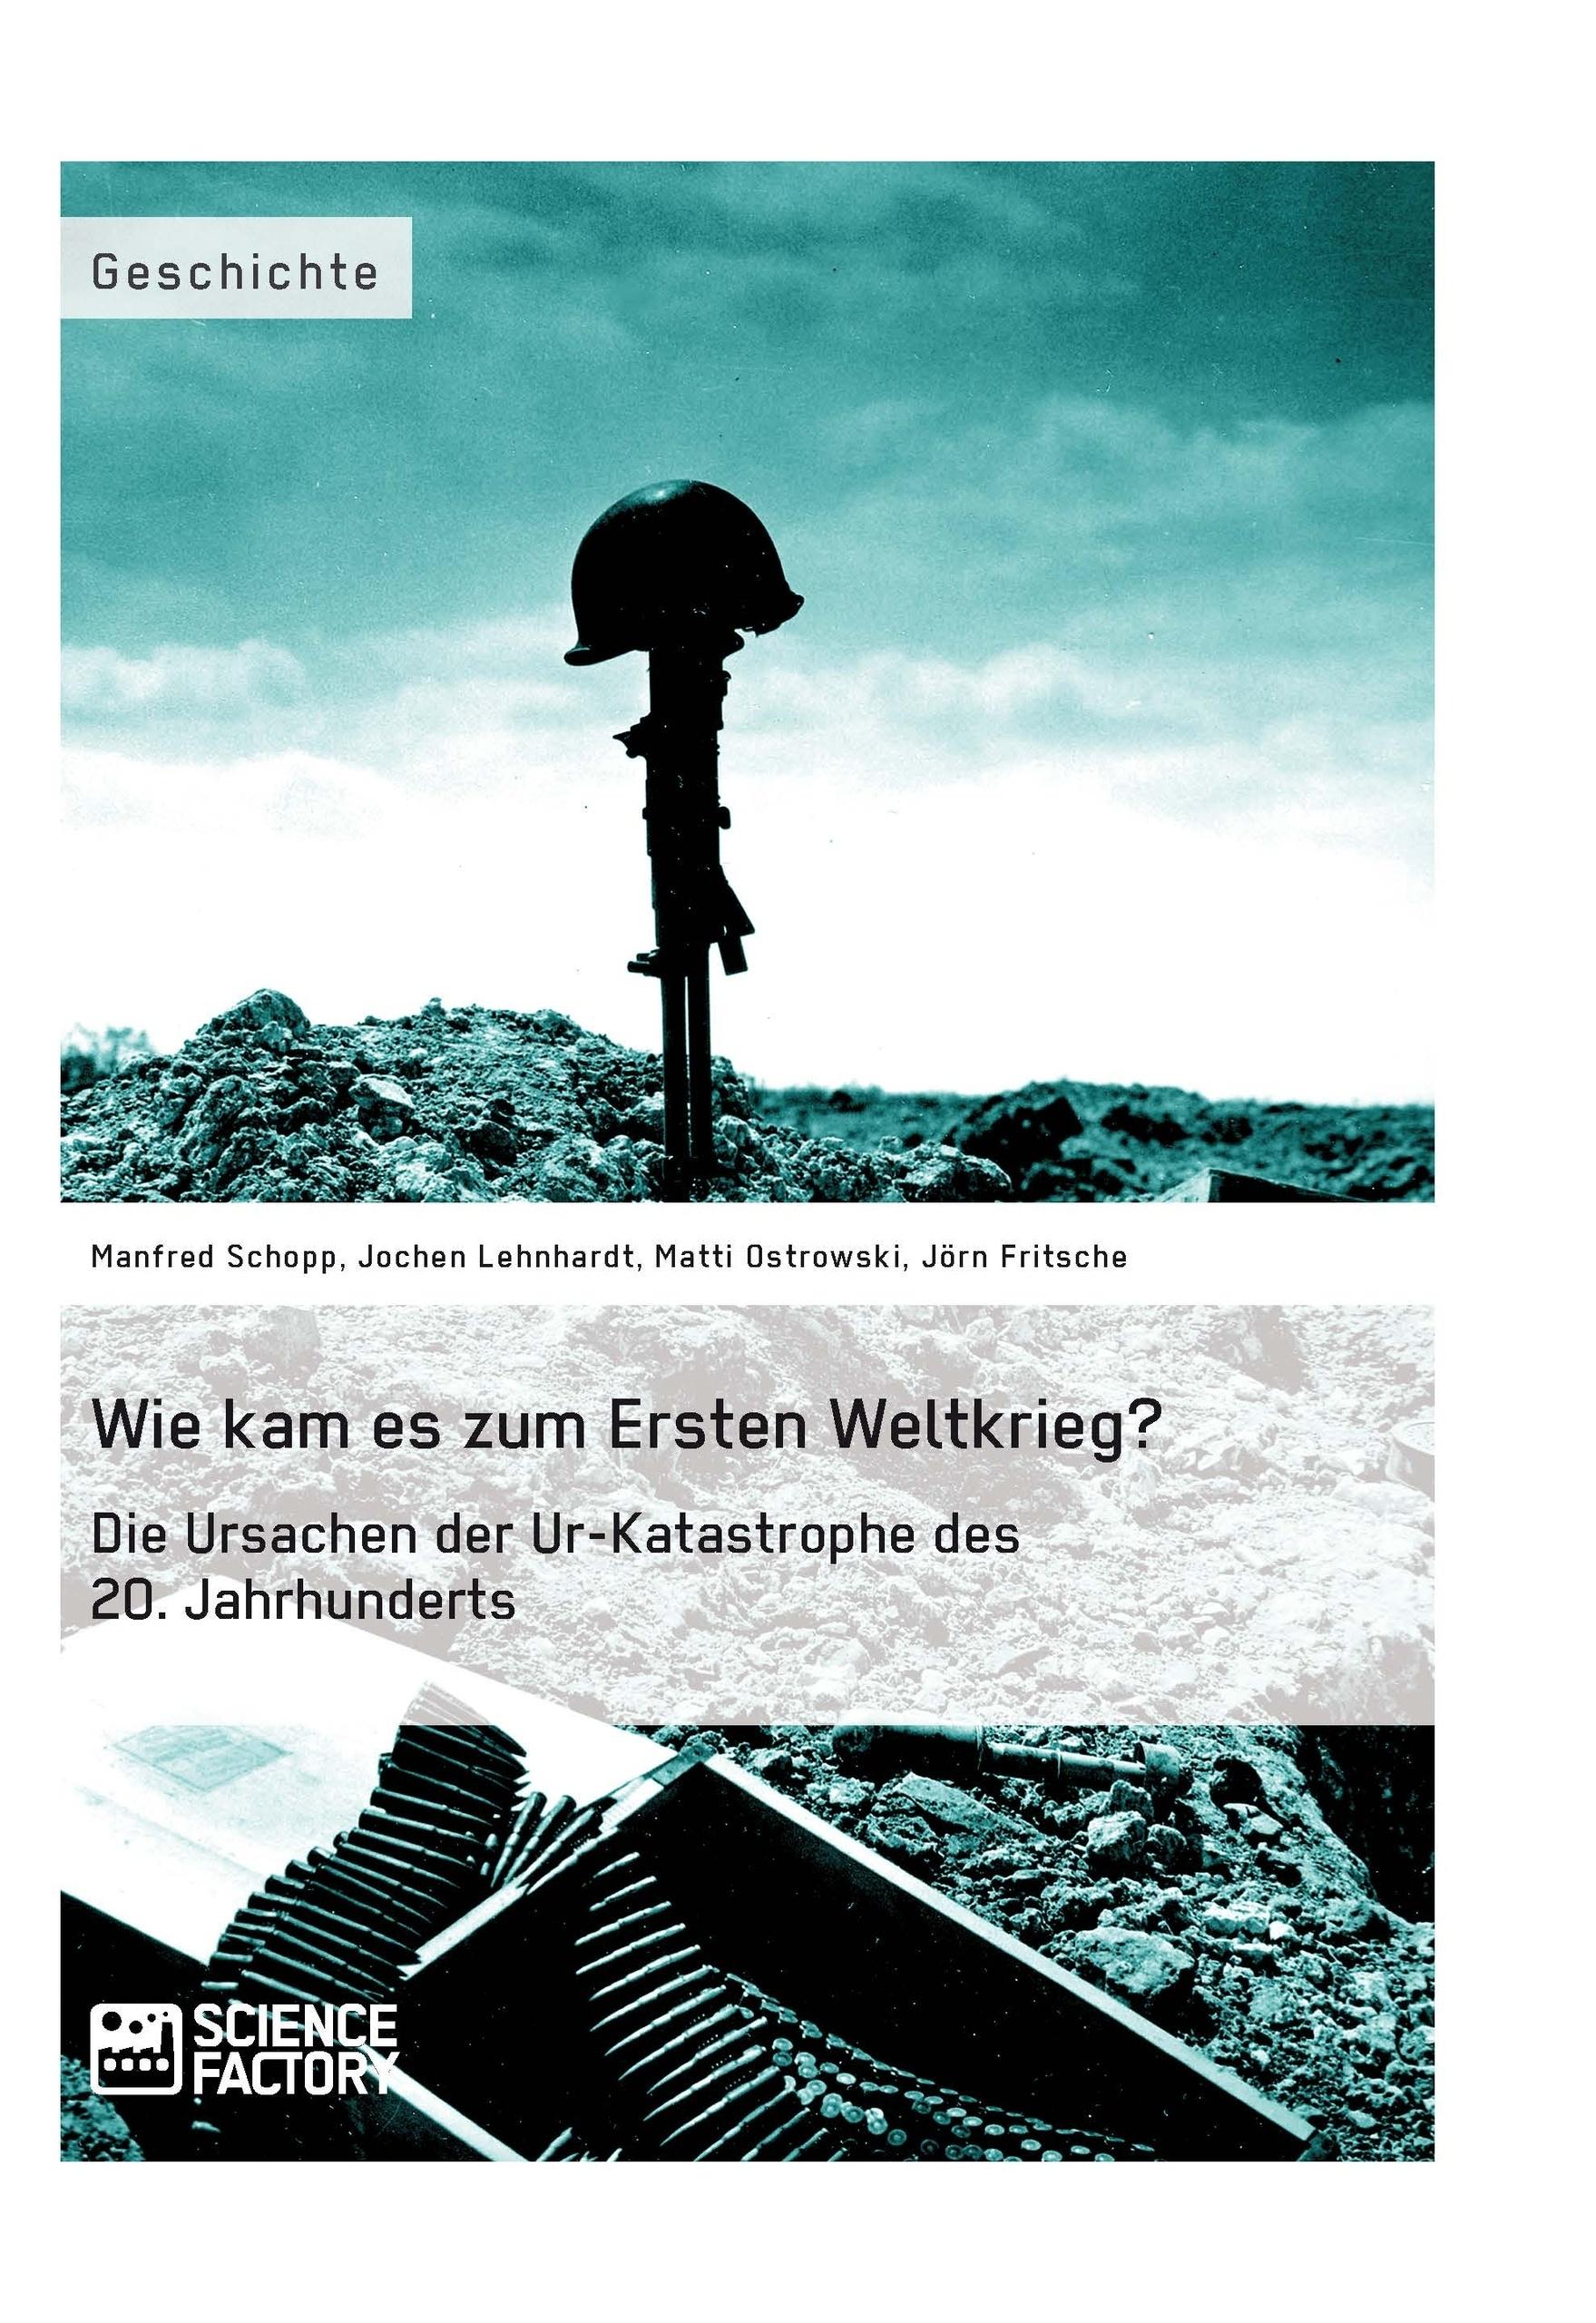 Titel: Wie kam es zum Ersten Weltkrieg? Die Ursachen der Ur-Katastrophe des 20. Jahrhunderts